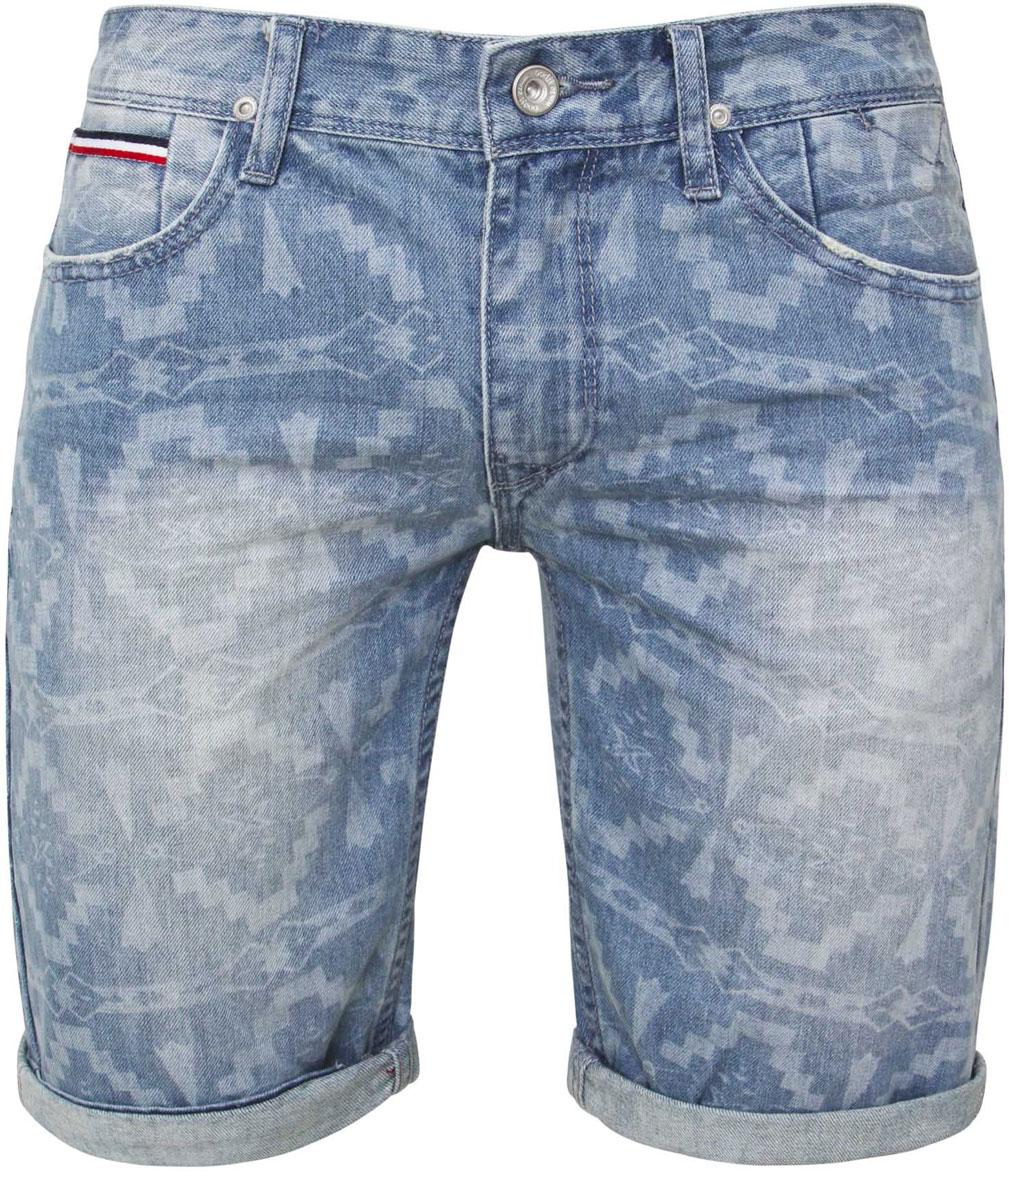 Шорты6L210012M/39725N/7000WСтильные джинсовые шорты oodji изготовлены из высококачественного материала (100% хлопка). Модель застегивается на пуговицу в поясе и ширинку на застежке-молнии, имеются шлевки для ремня. Спереди расположены два втачных кармана и один небольшой накладной кармашек, а сзади - два накладных кармана. Модель оформлена оригинальным принтом и эффектом потертости.